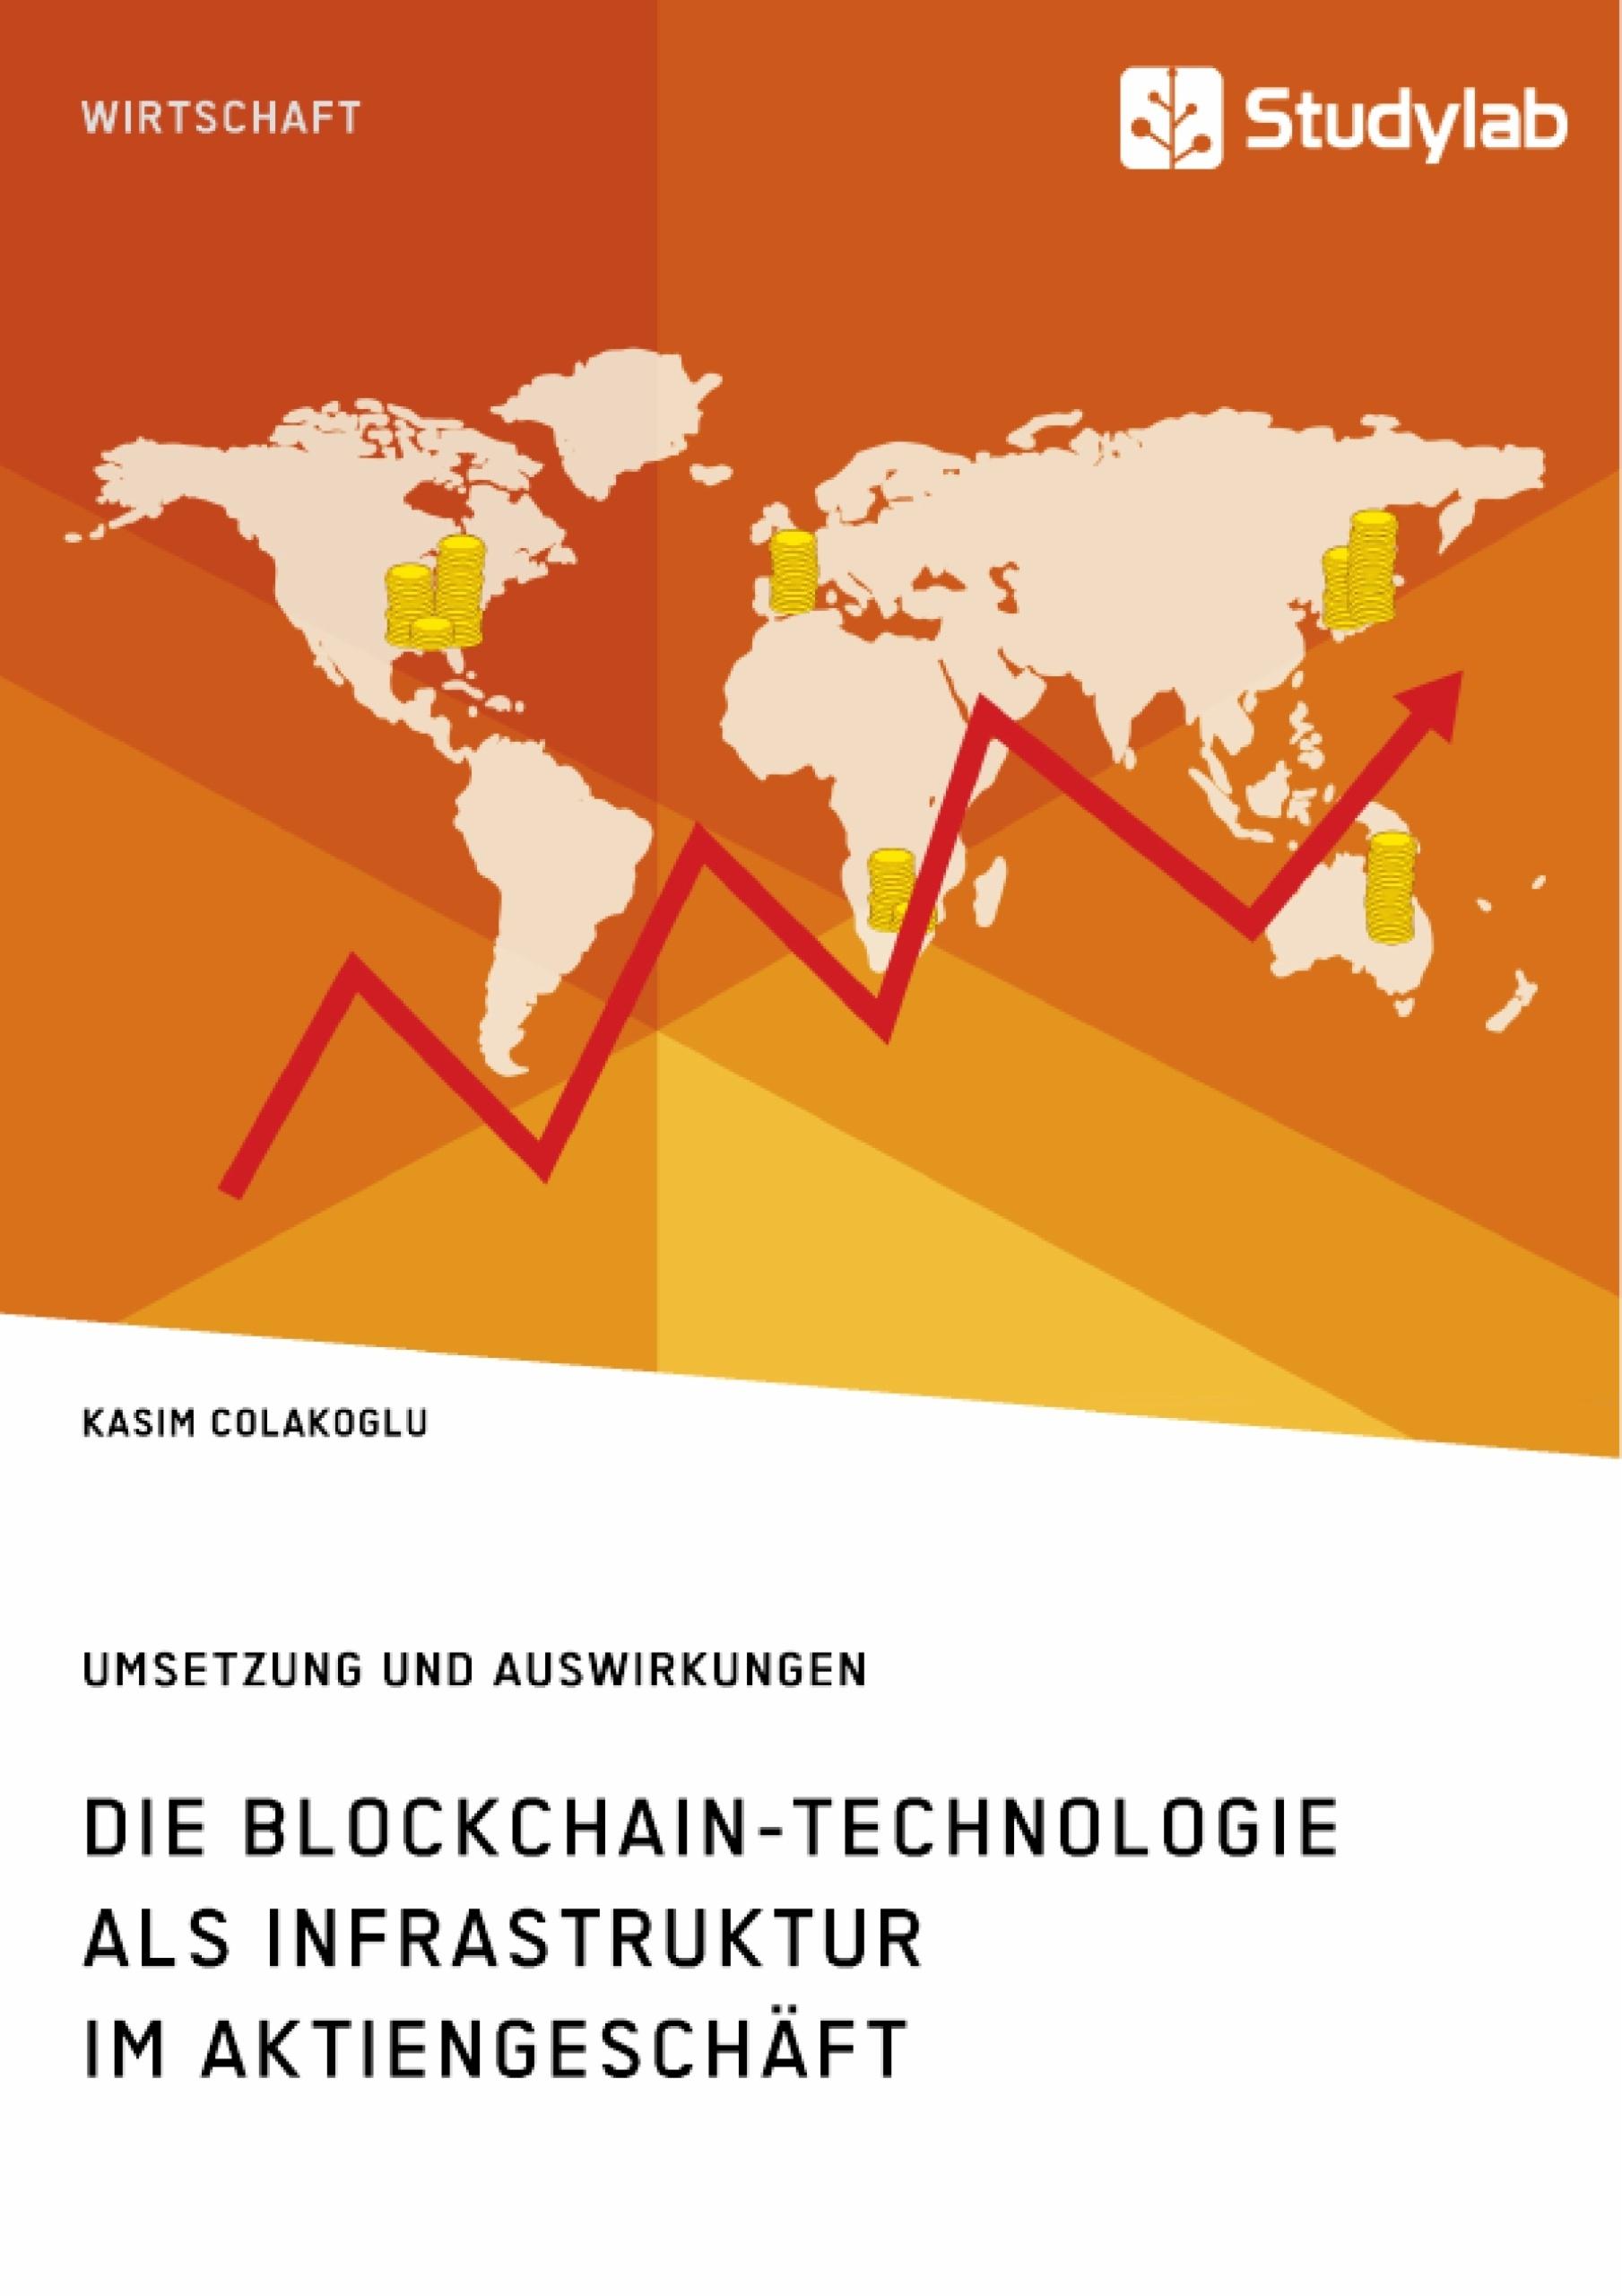 Title: Die Blockchain-Technologie als Infrastruktur im Aktiengeschäft. Umsetzung und Auswirkungen